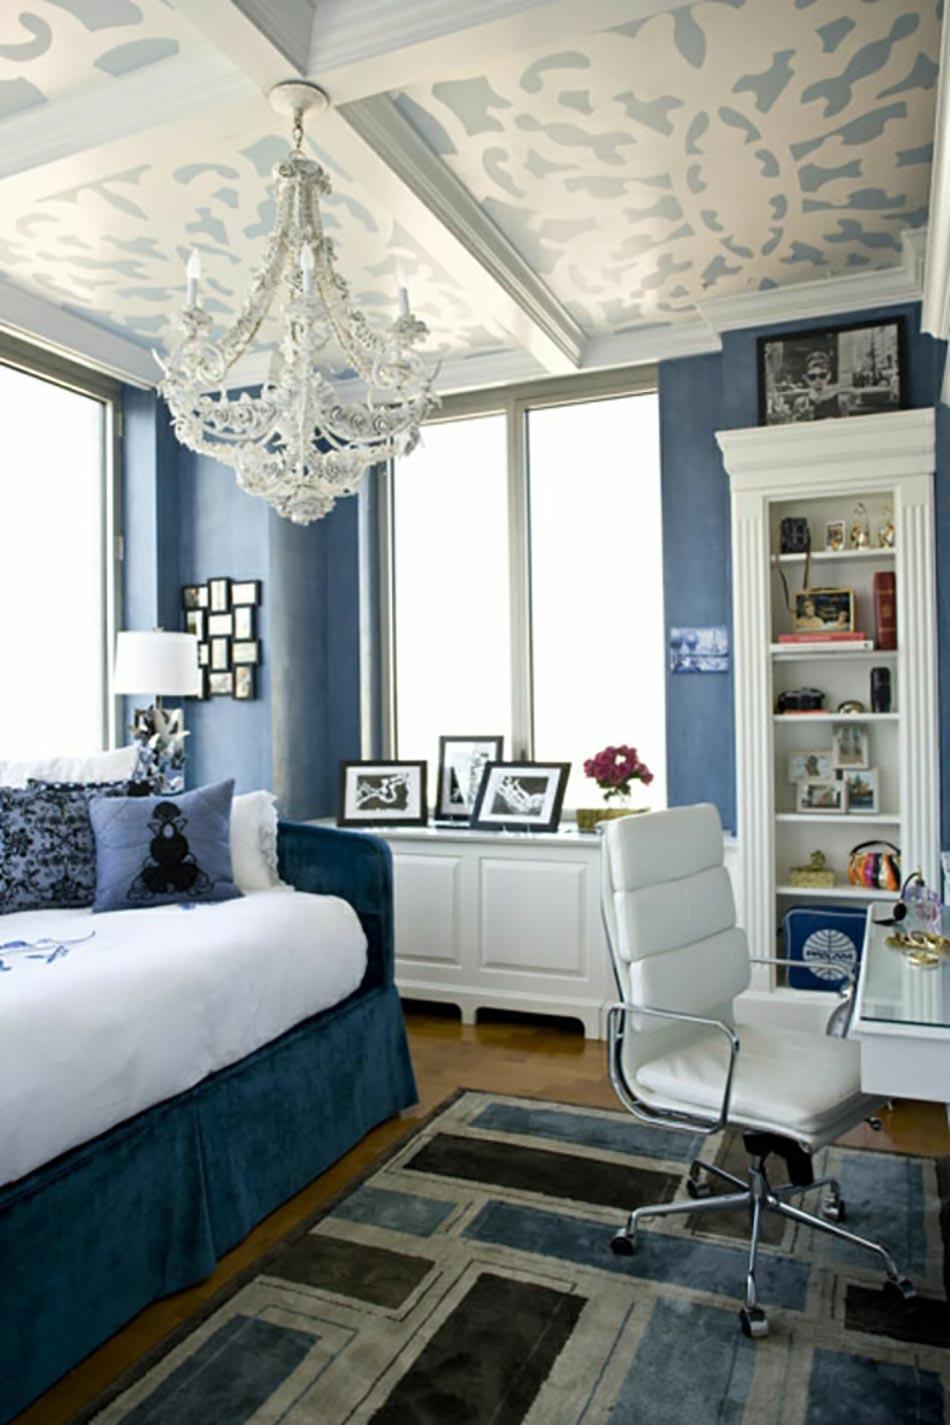 15 id es d co pour refaire un plafond design feria - Refaire un plafond abime ...